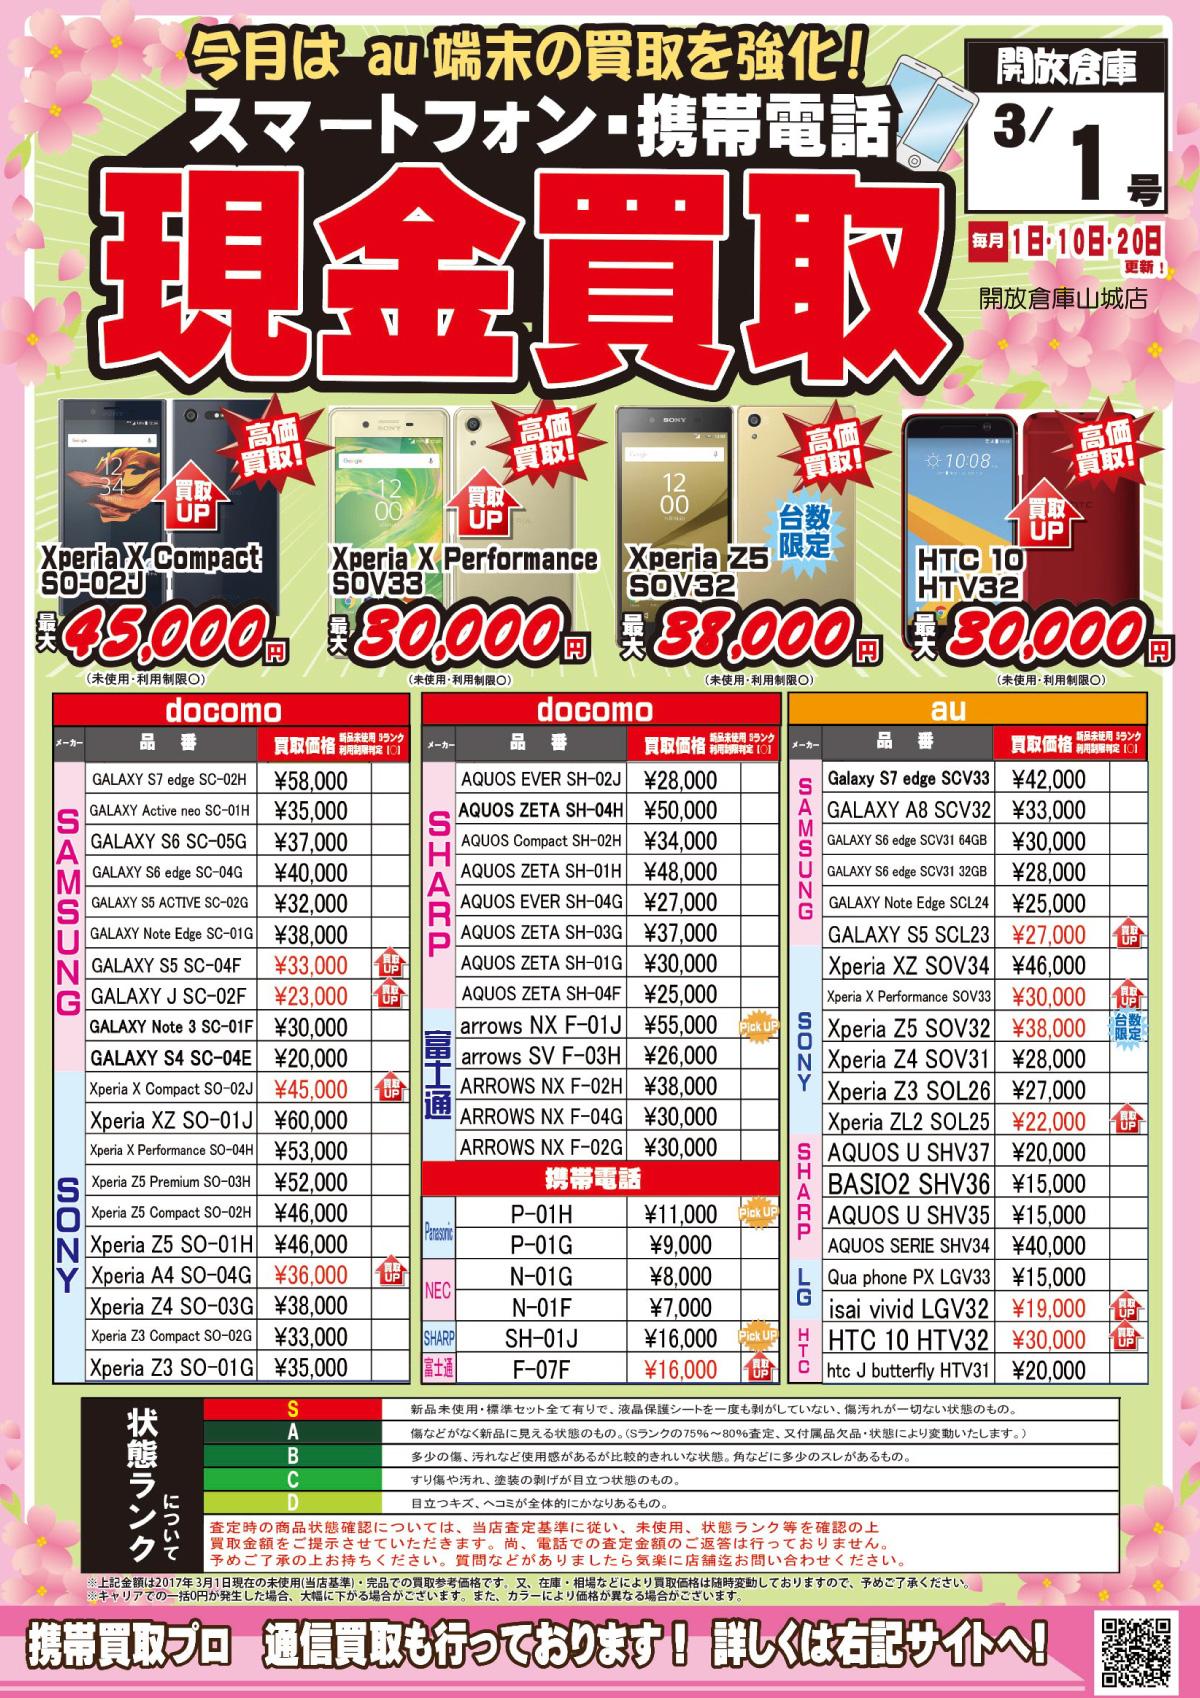 「開放倉庫山城店」2017年3/1号スマートフォン・携帯電話現金買取!今月はau端末の買取を強化!